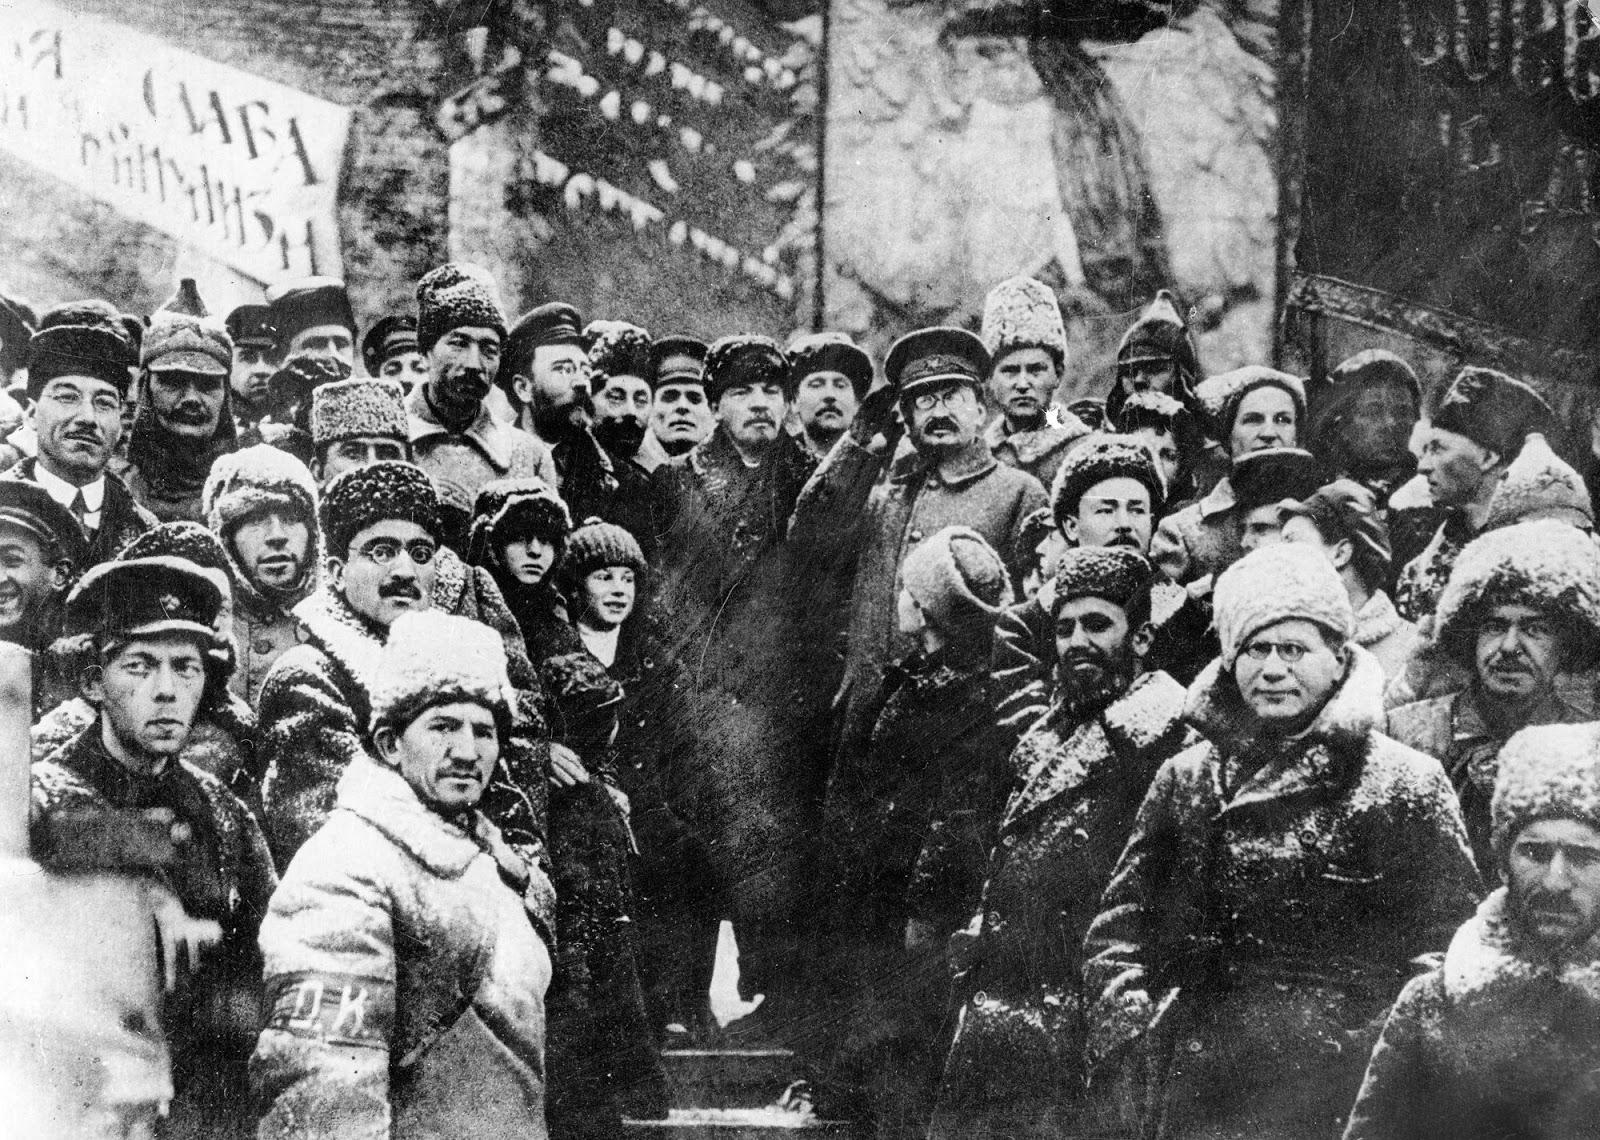 À quoi aurait ressemblé le monde sans la Révolution d'Octobre ?